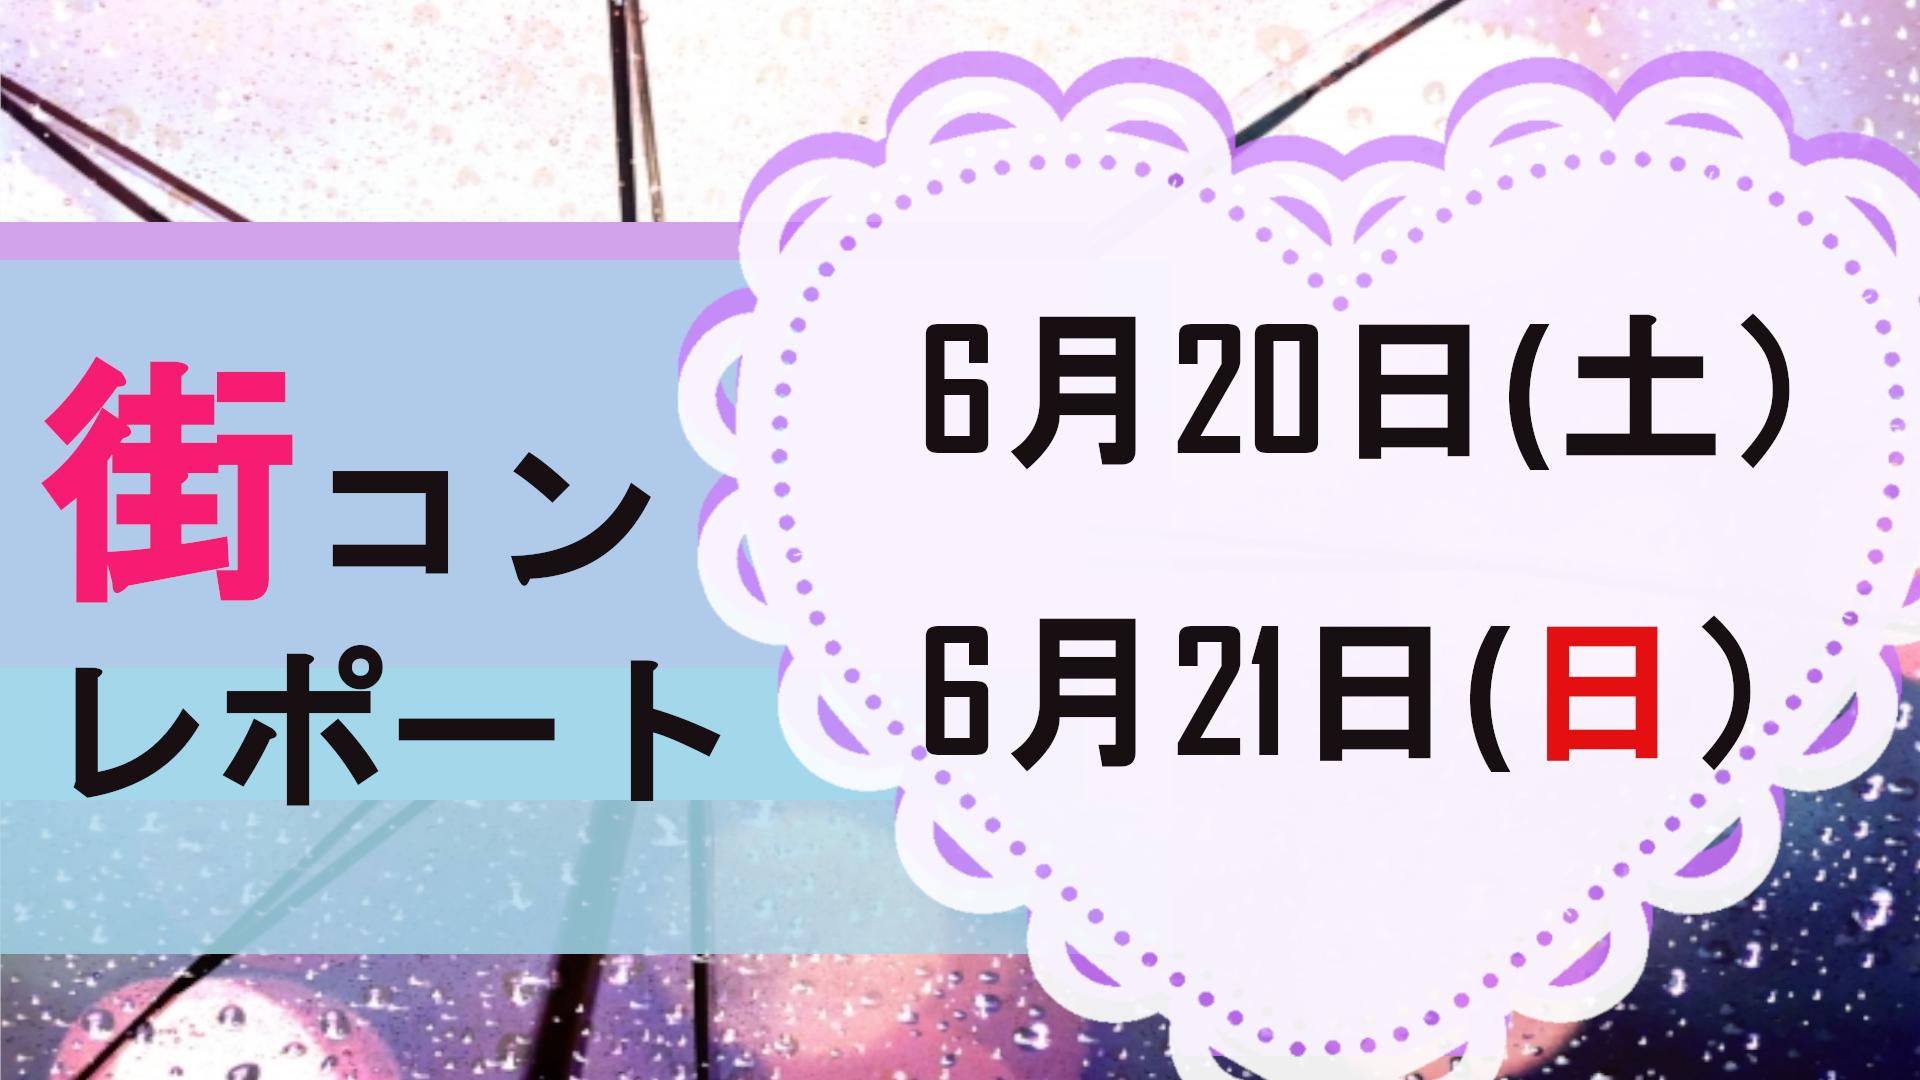 6月20日、21日に開催されました☆6月の雨の中でも抜群に盛り上がった 京都、三宮、新宿での街コンレポート!のサムネイル